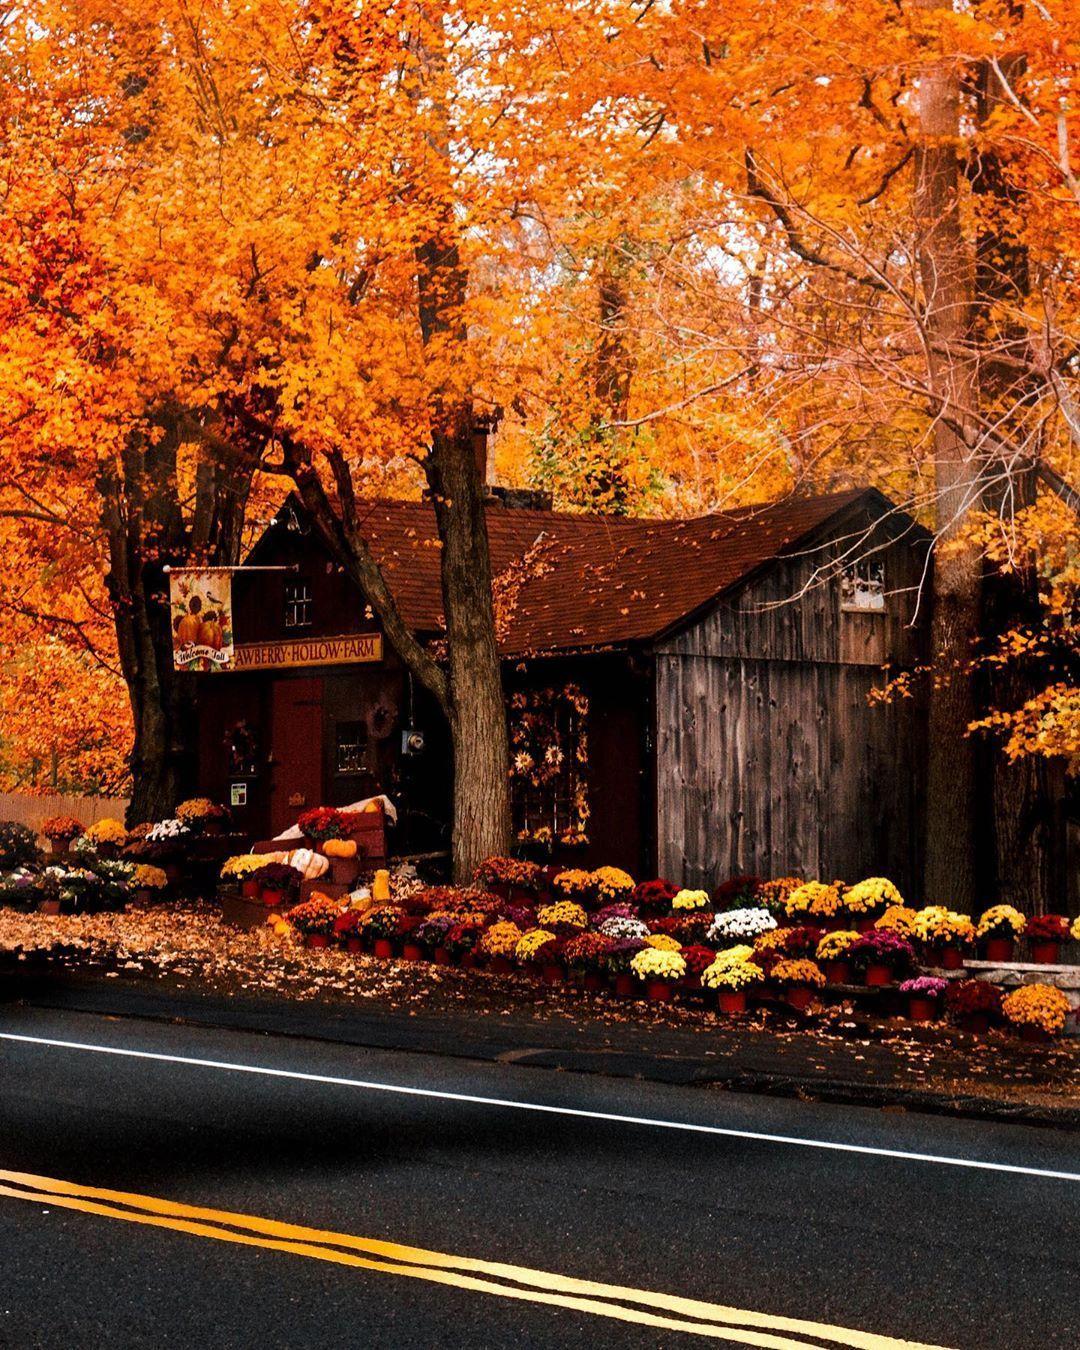 AutumnScented31 — autumncozy: Bythecoastalconfidence